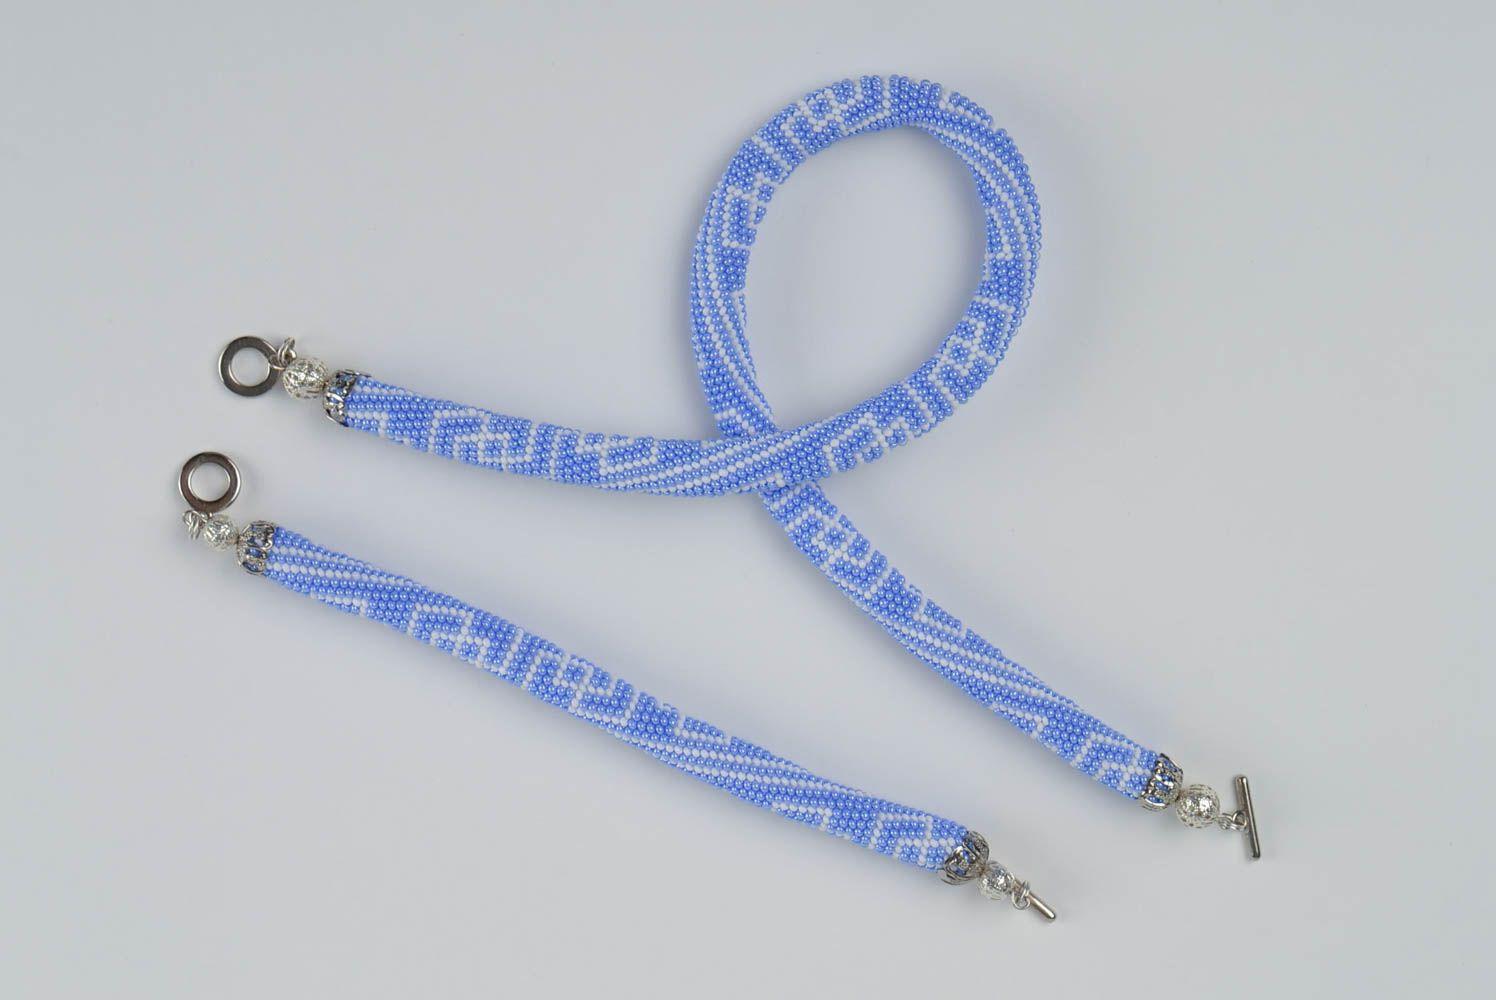 Schmuckset aus Glasperlen Armband und Litze hellblau handmade mit Mustern schön foto 2